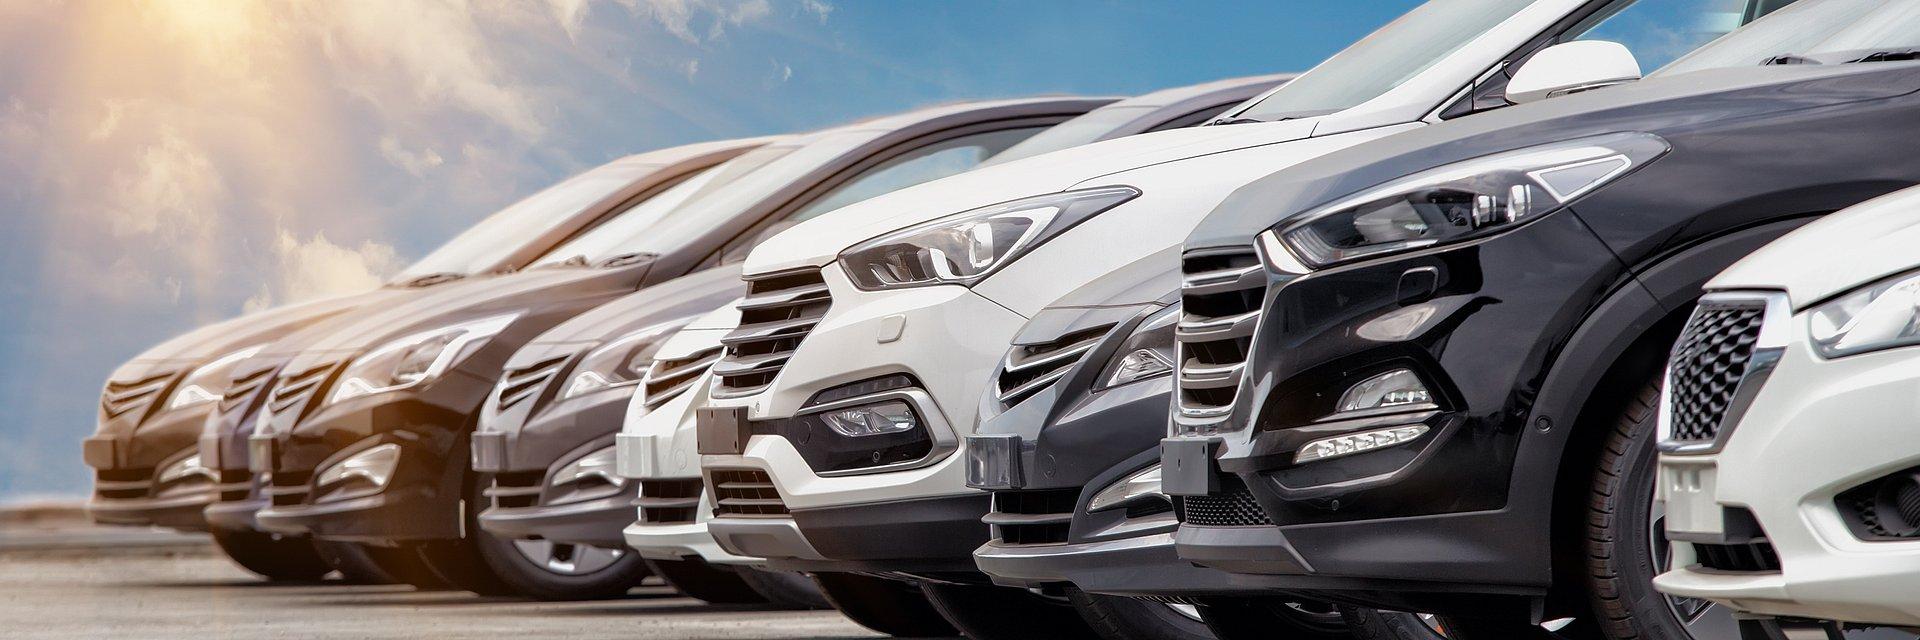 Najwięcej wypadków powodują kierowcy Volvo, Skody, Toyot i Mazd, a najmniej Citroena